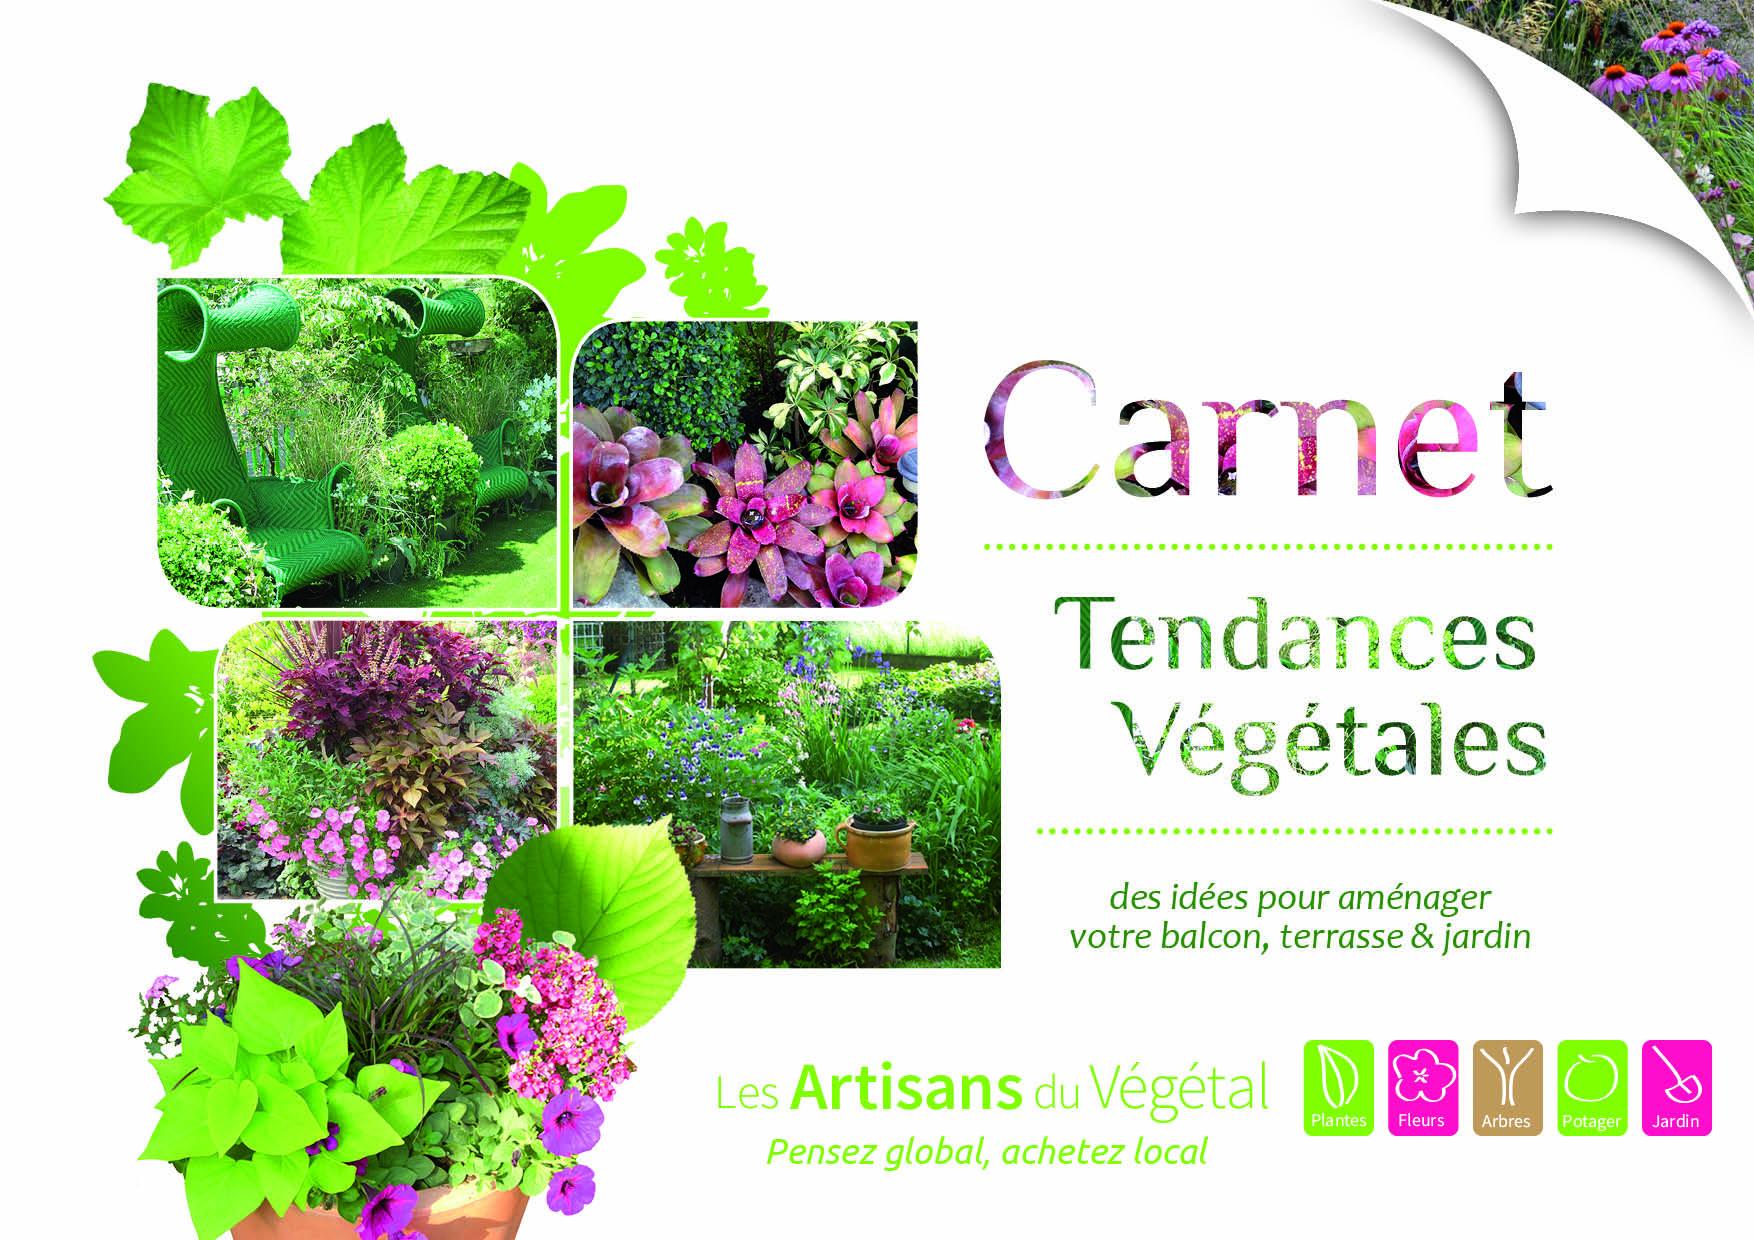 Découvrez le Carnet de Tendances Végétales